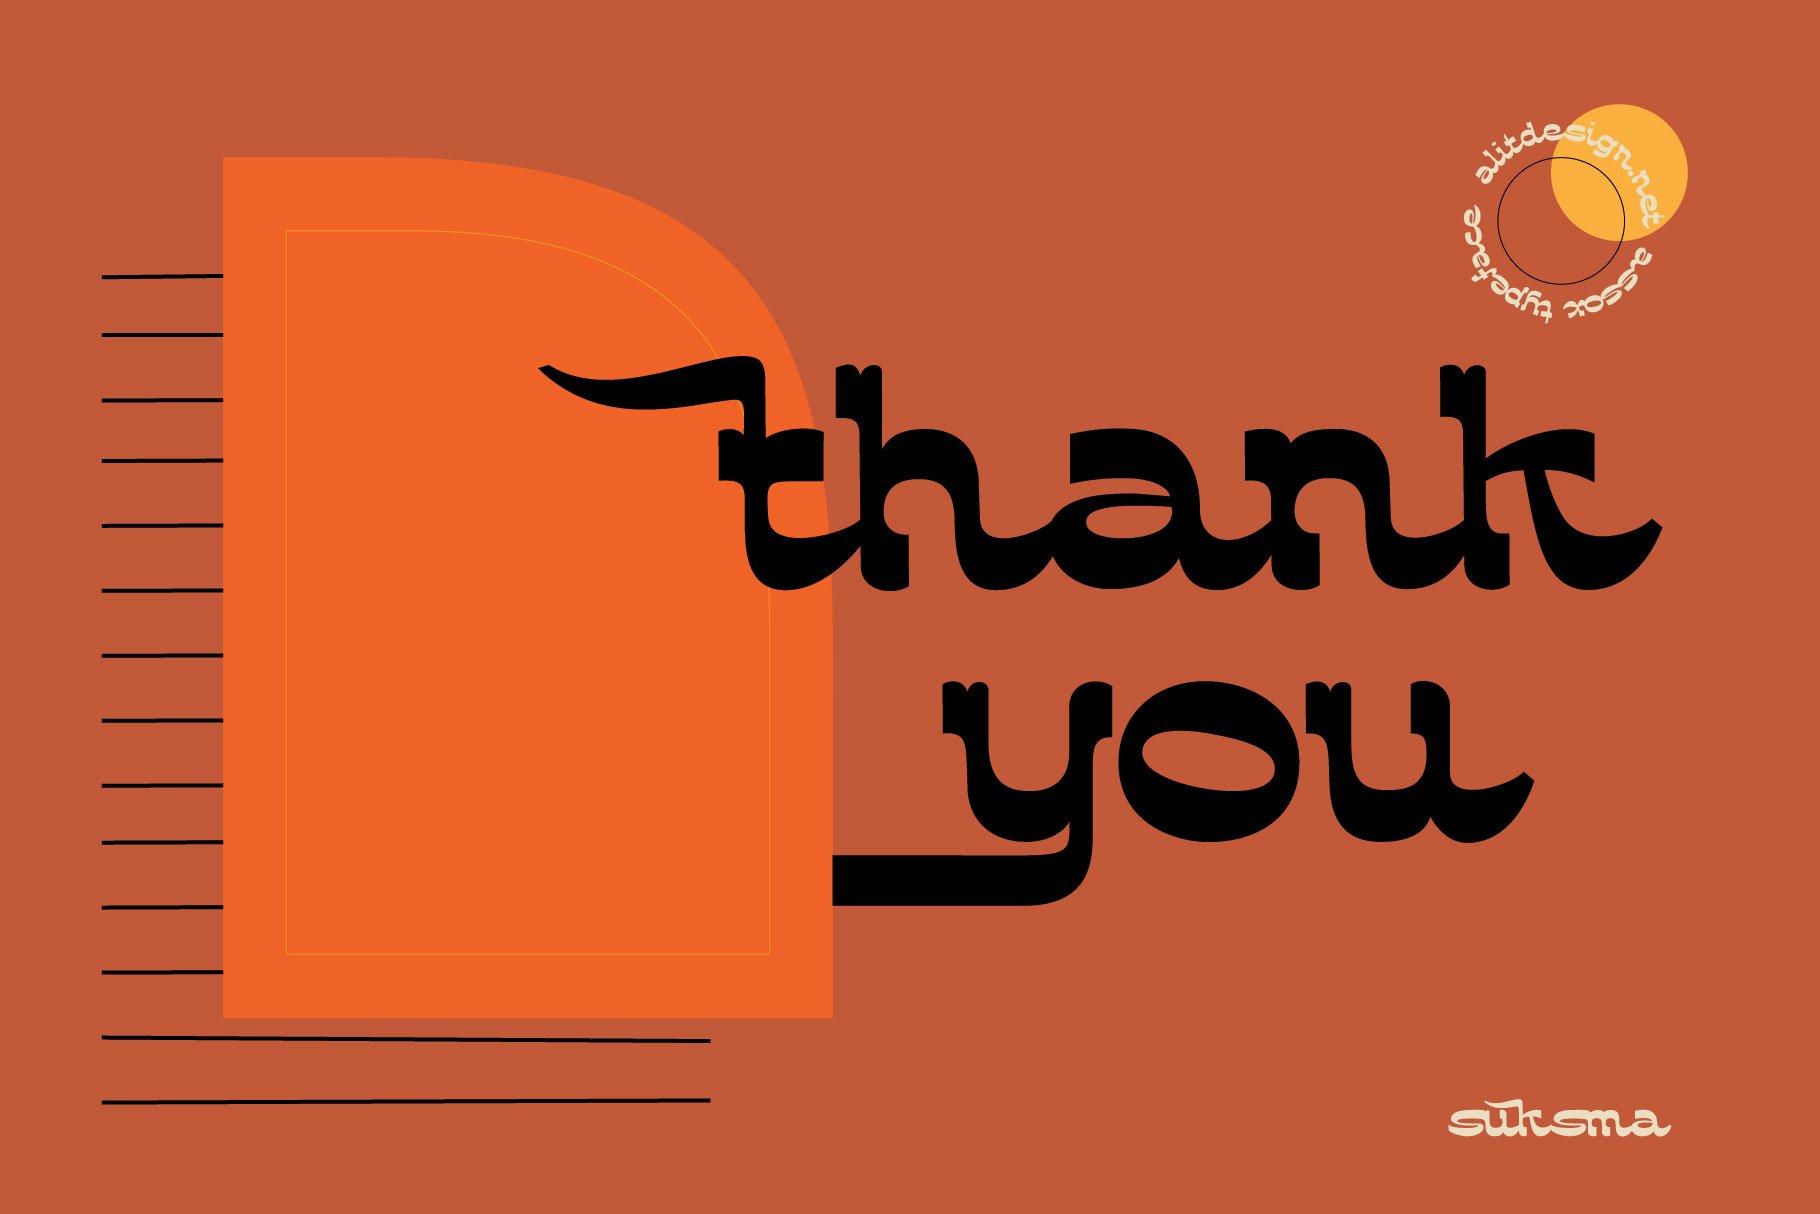 [单独购买] 潮流复古酸性逆反差海报标题Logo设计衬线英文字体素材 Assox Typeface插图15